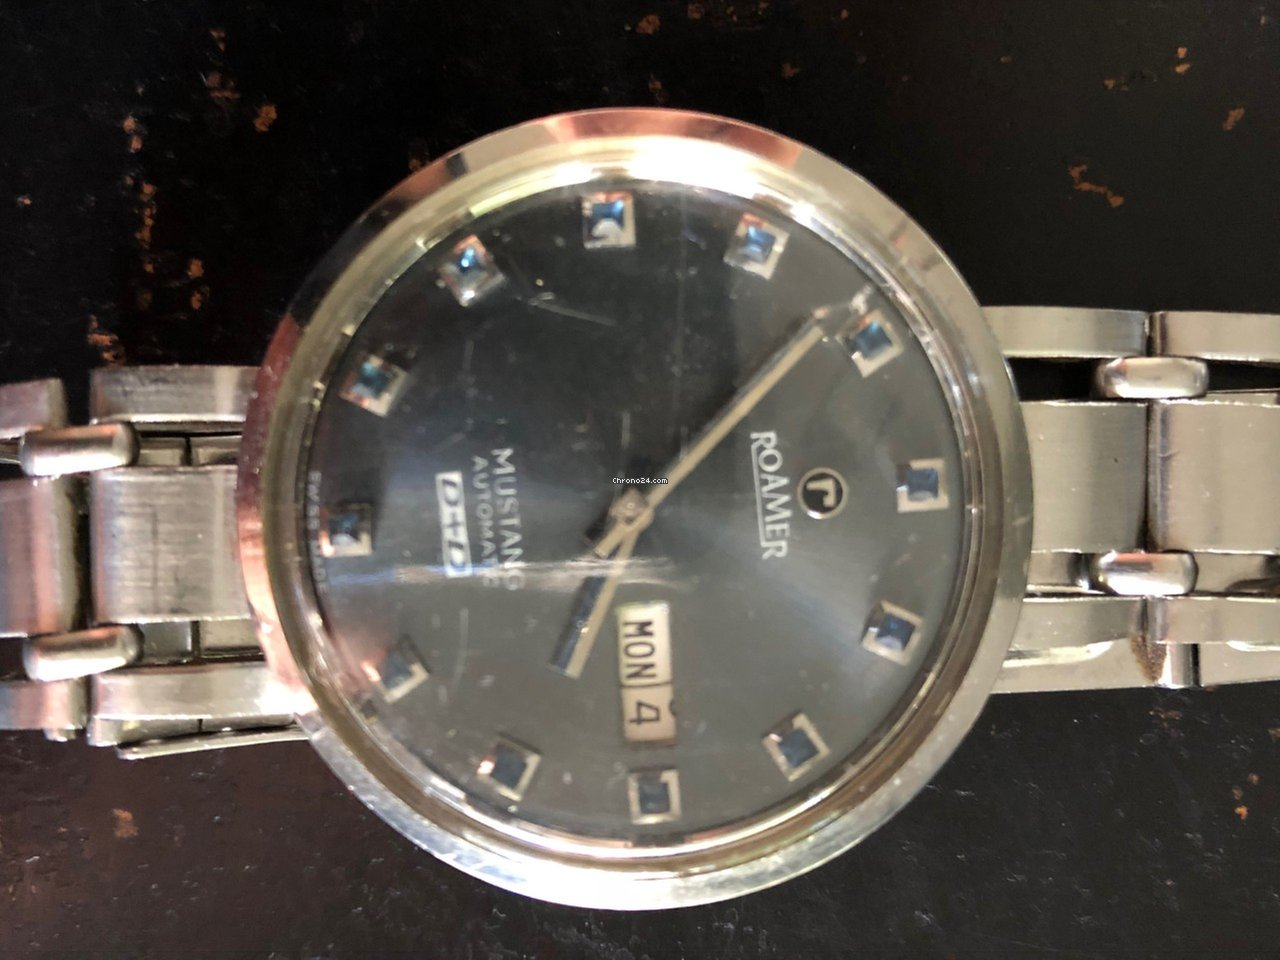 a6a2a979b7df Roamer MUSTANG AUTOMATIC D+D en venta por chil  769.034 por parte de un  Vendedor privado de Chrono24